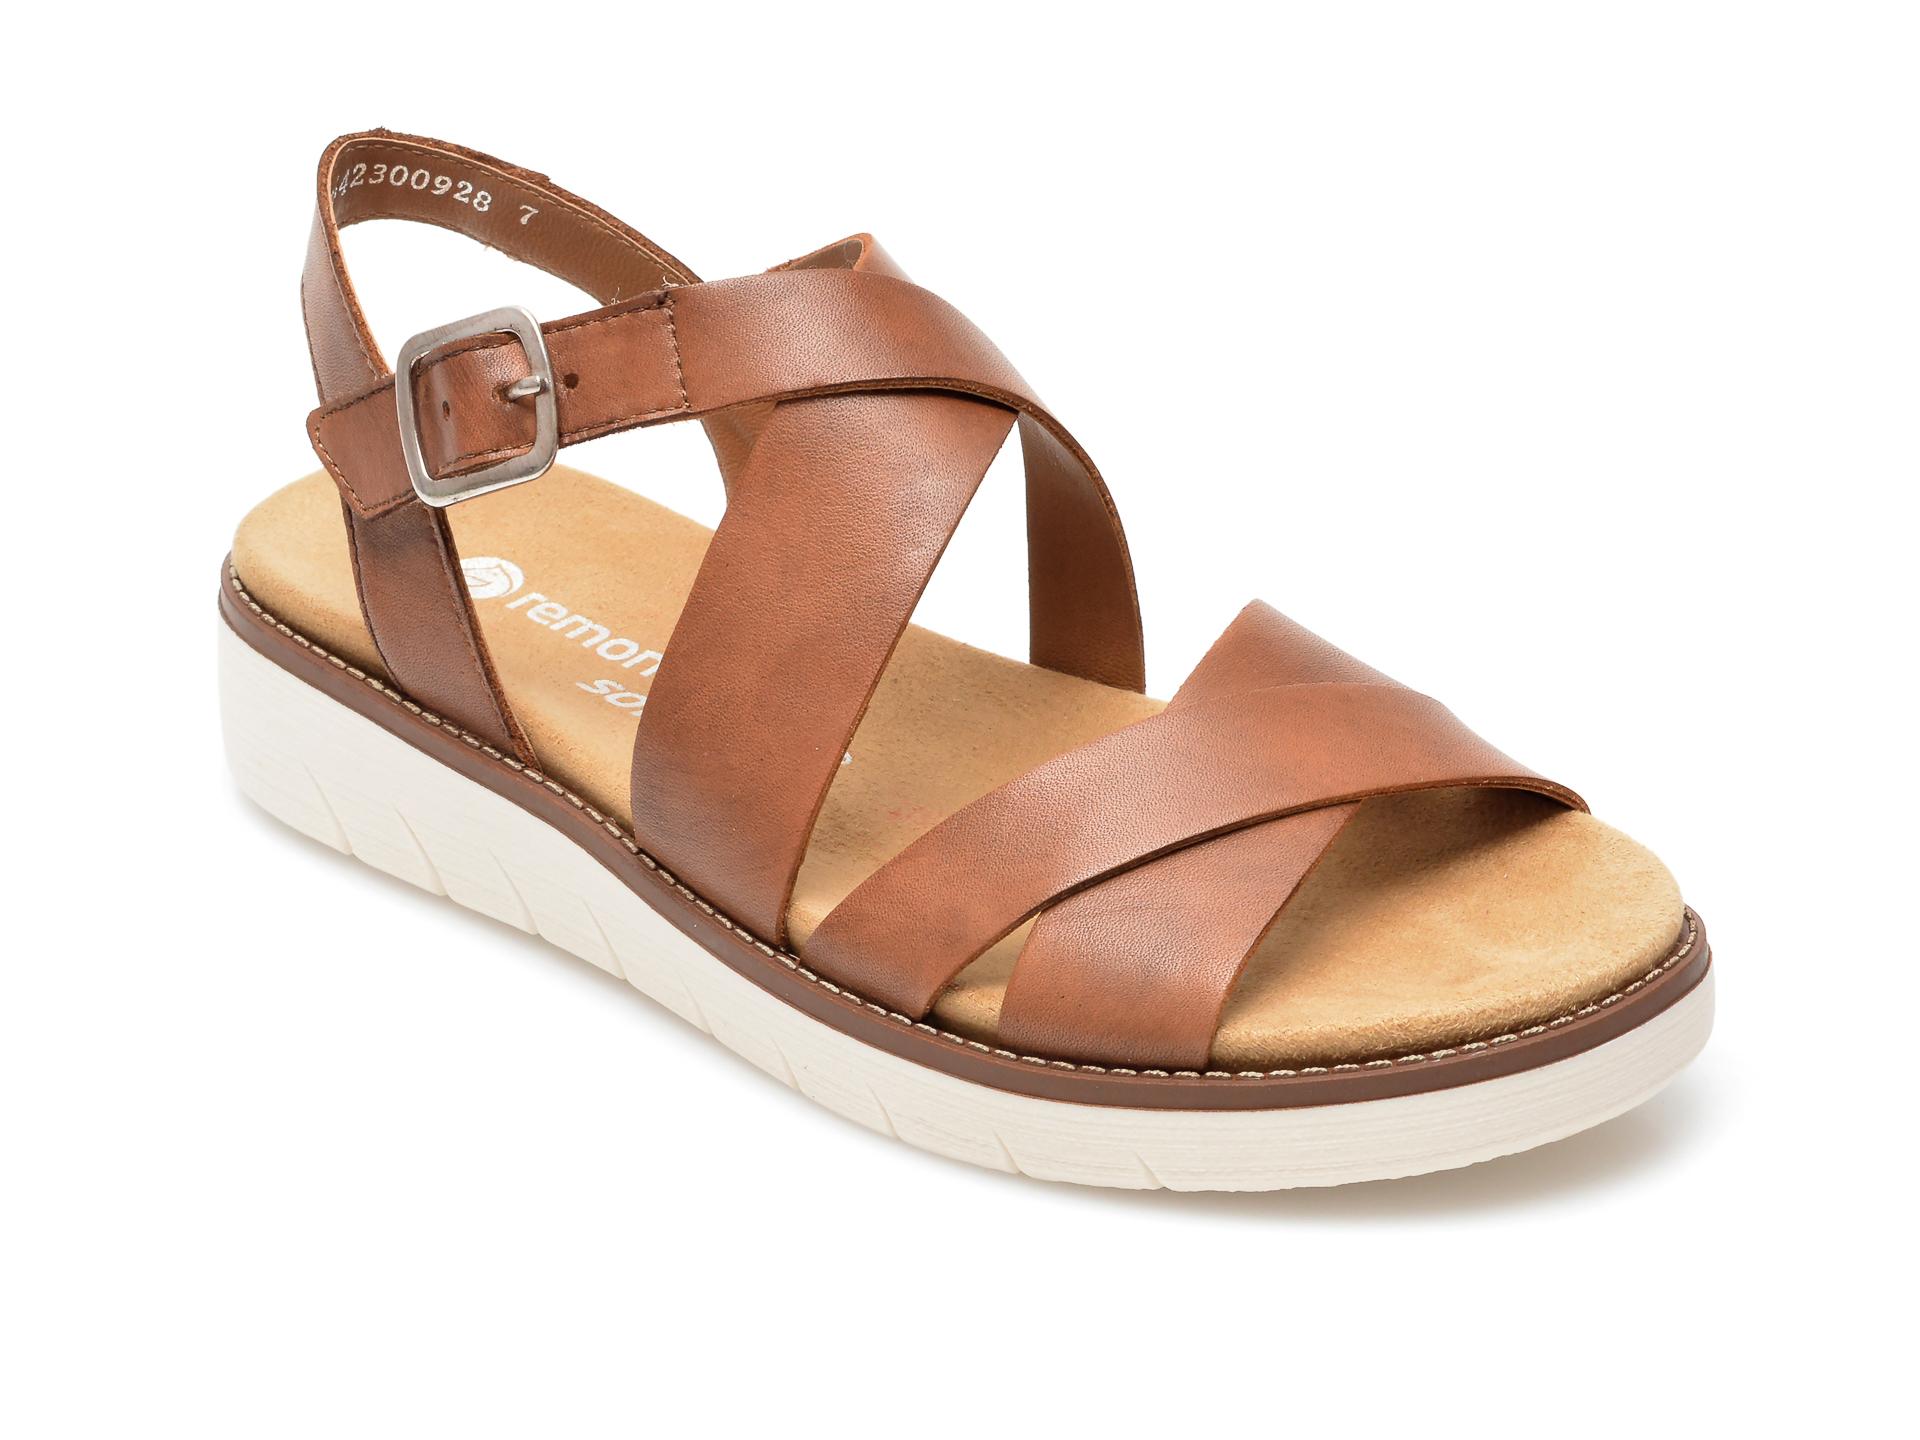 Sandale REMONTE maro, D2060, din piele naturala imagine otter.ro 2021